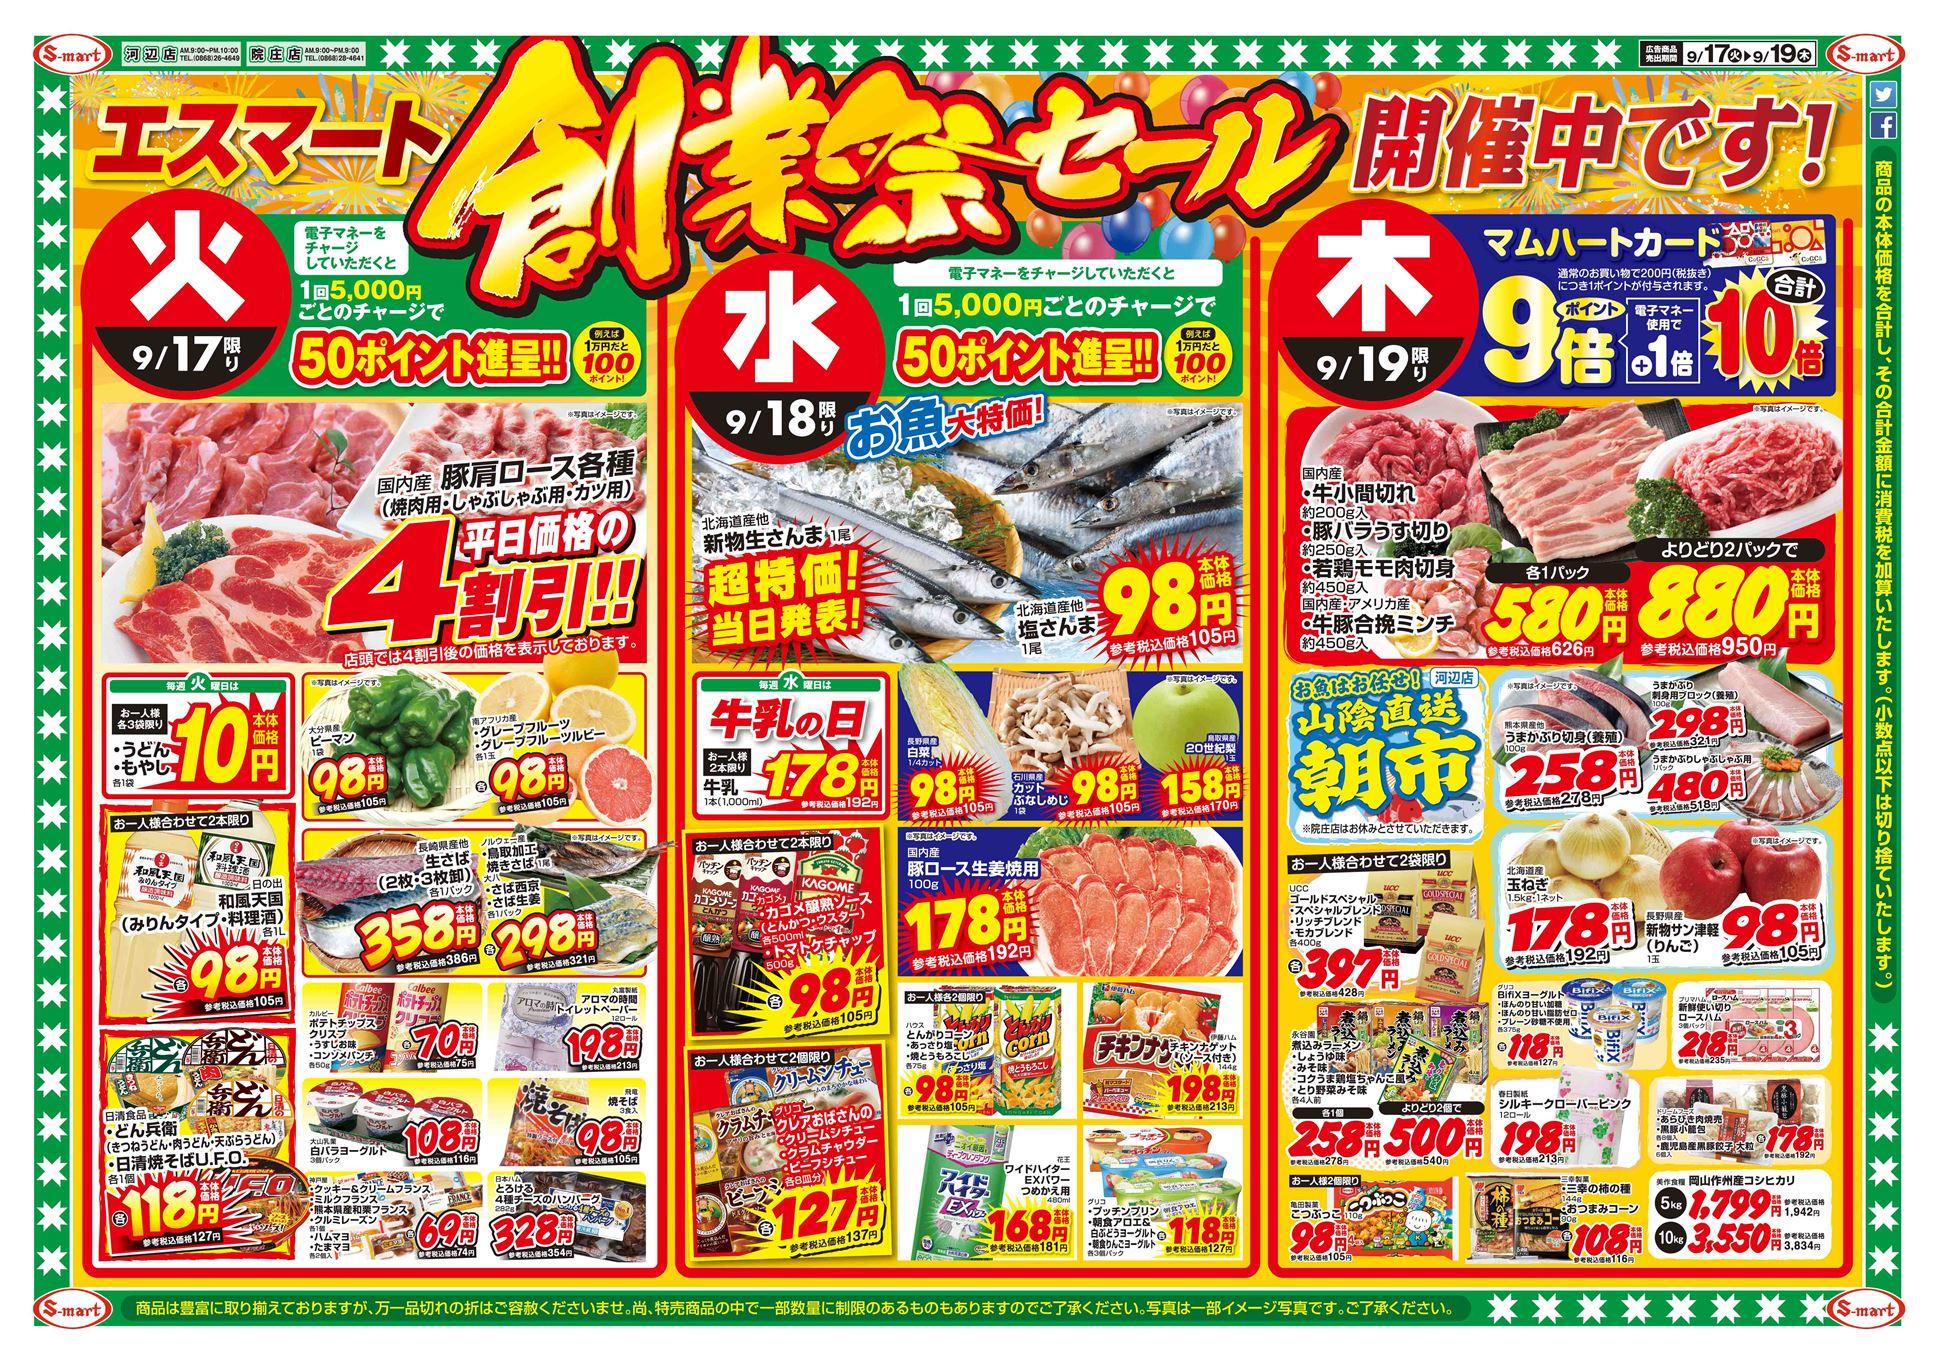 創業祭開催中!毎日超特価商品が満載です。